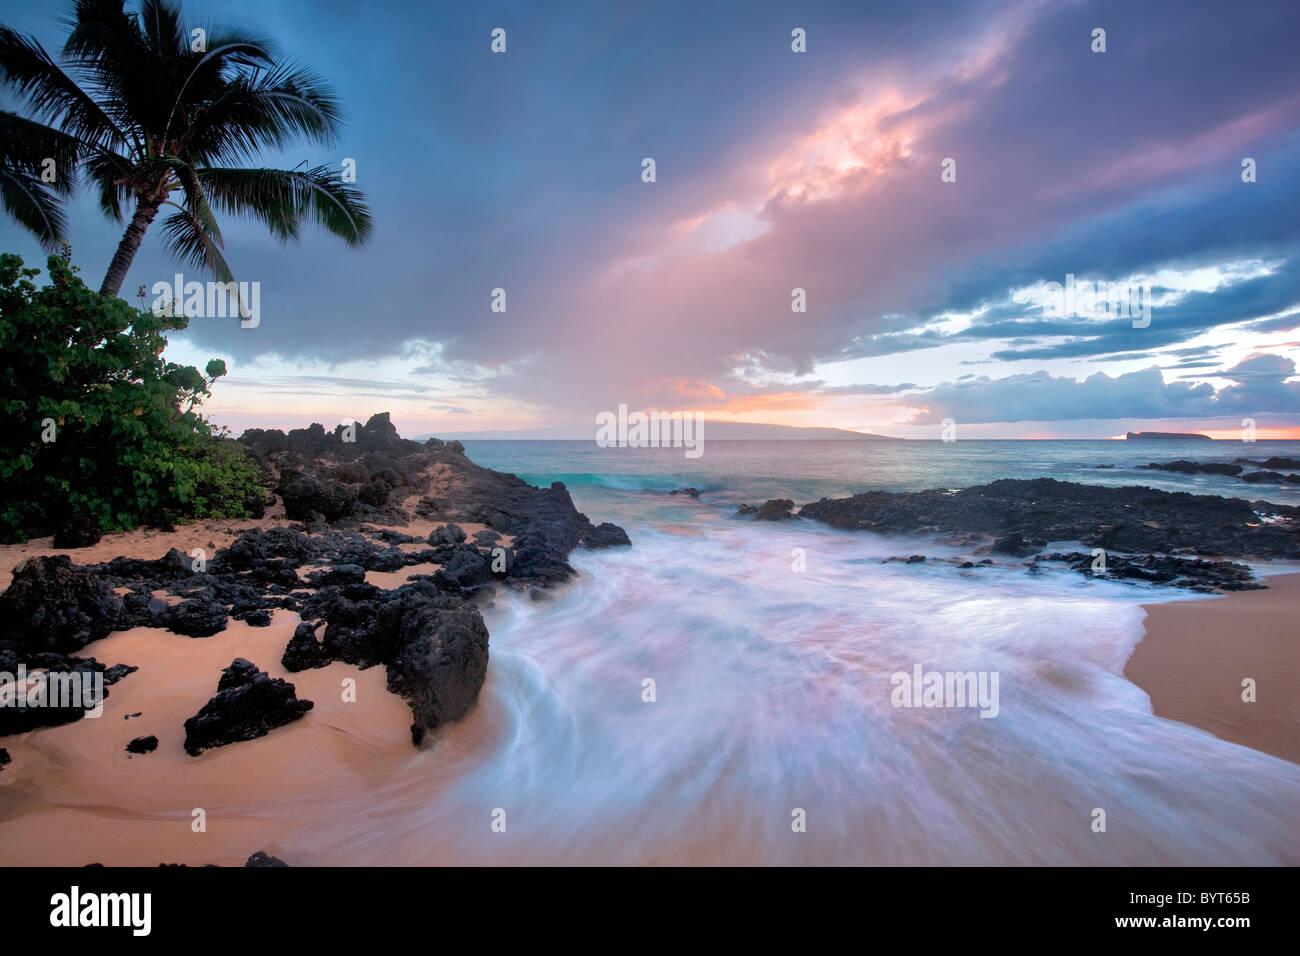 Sunset nubes y onda con palmeras. Maui, Hawaii. Imagen De Stock